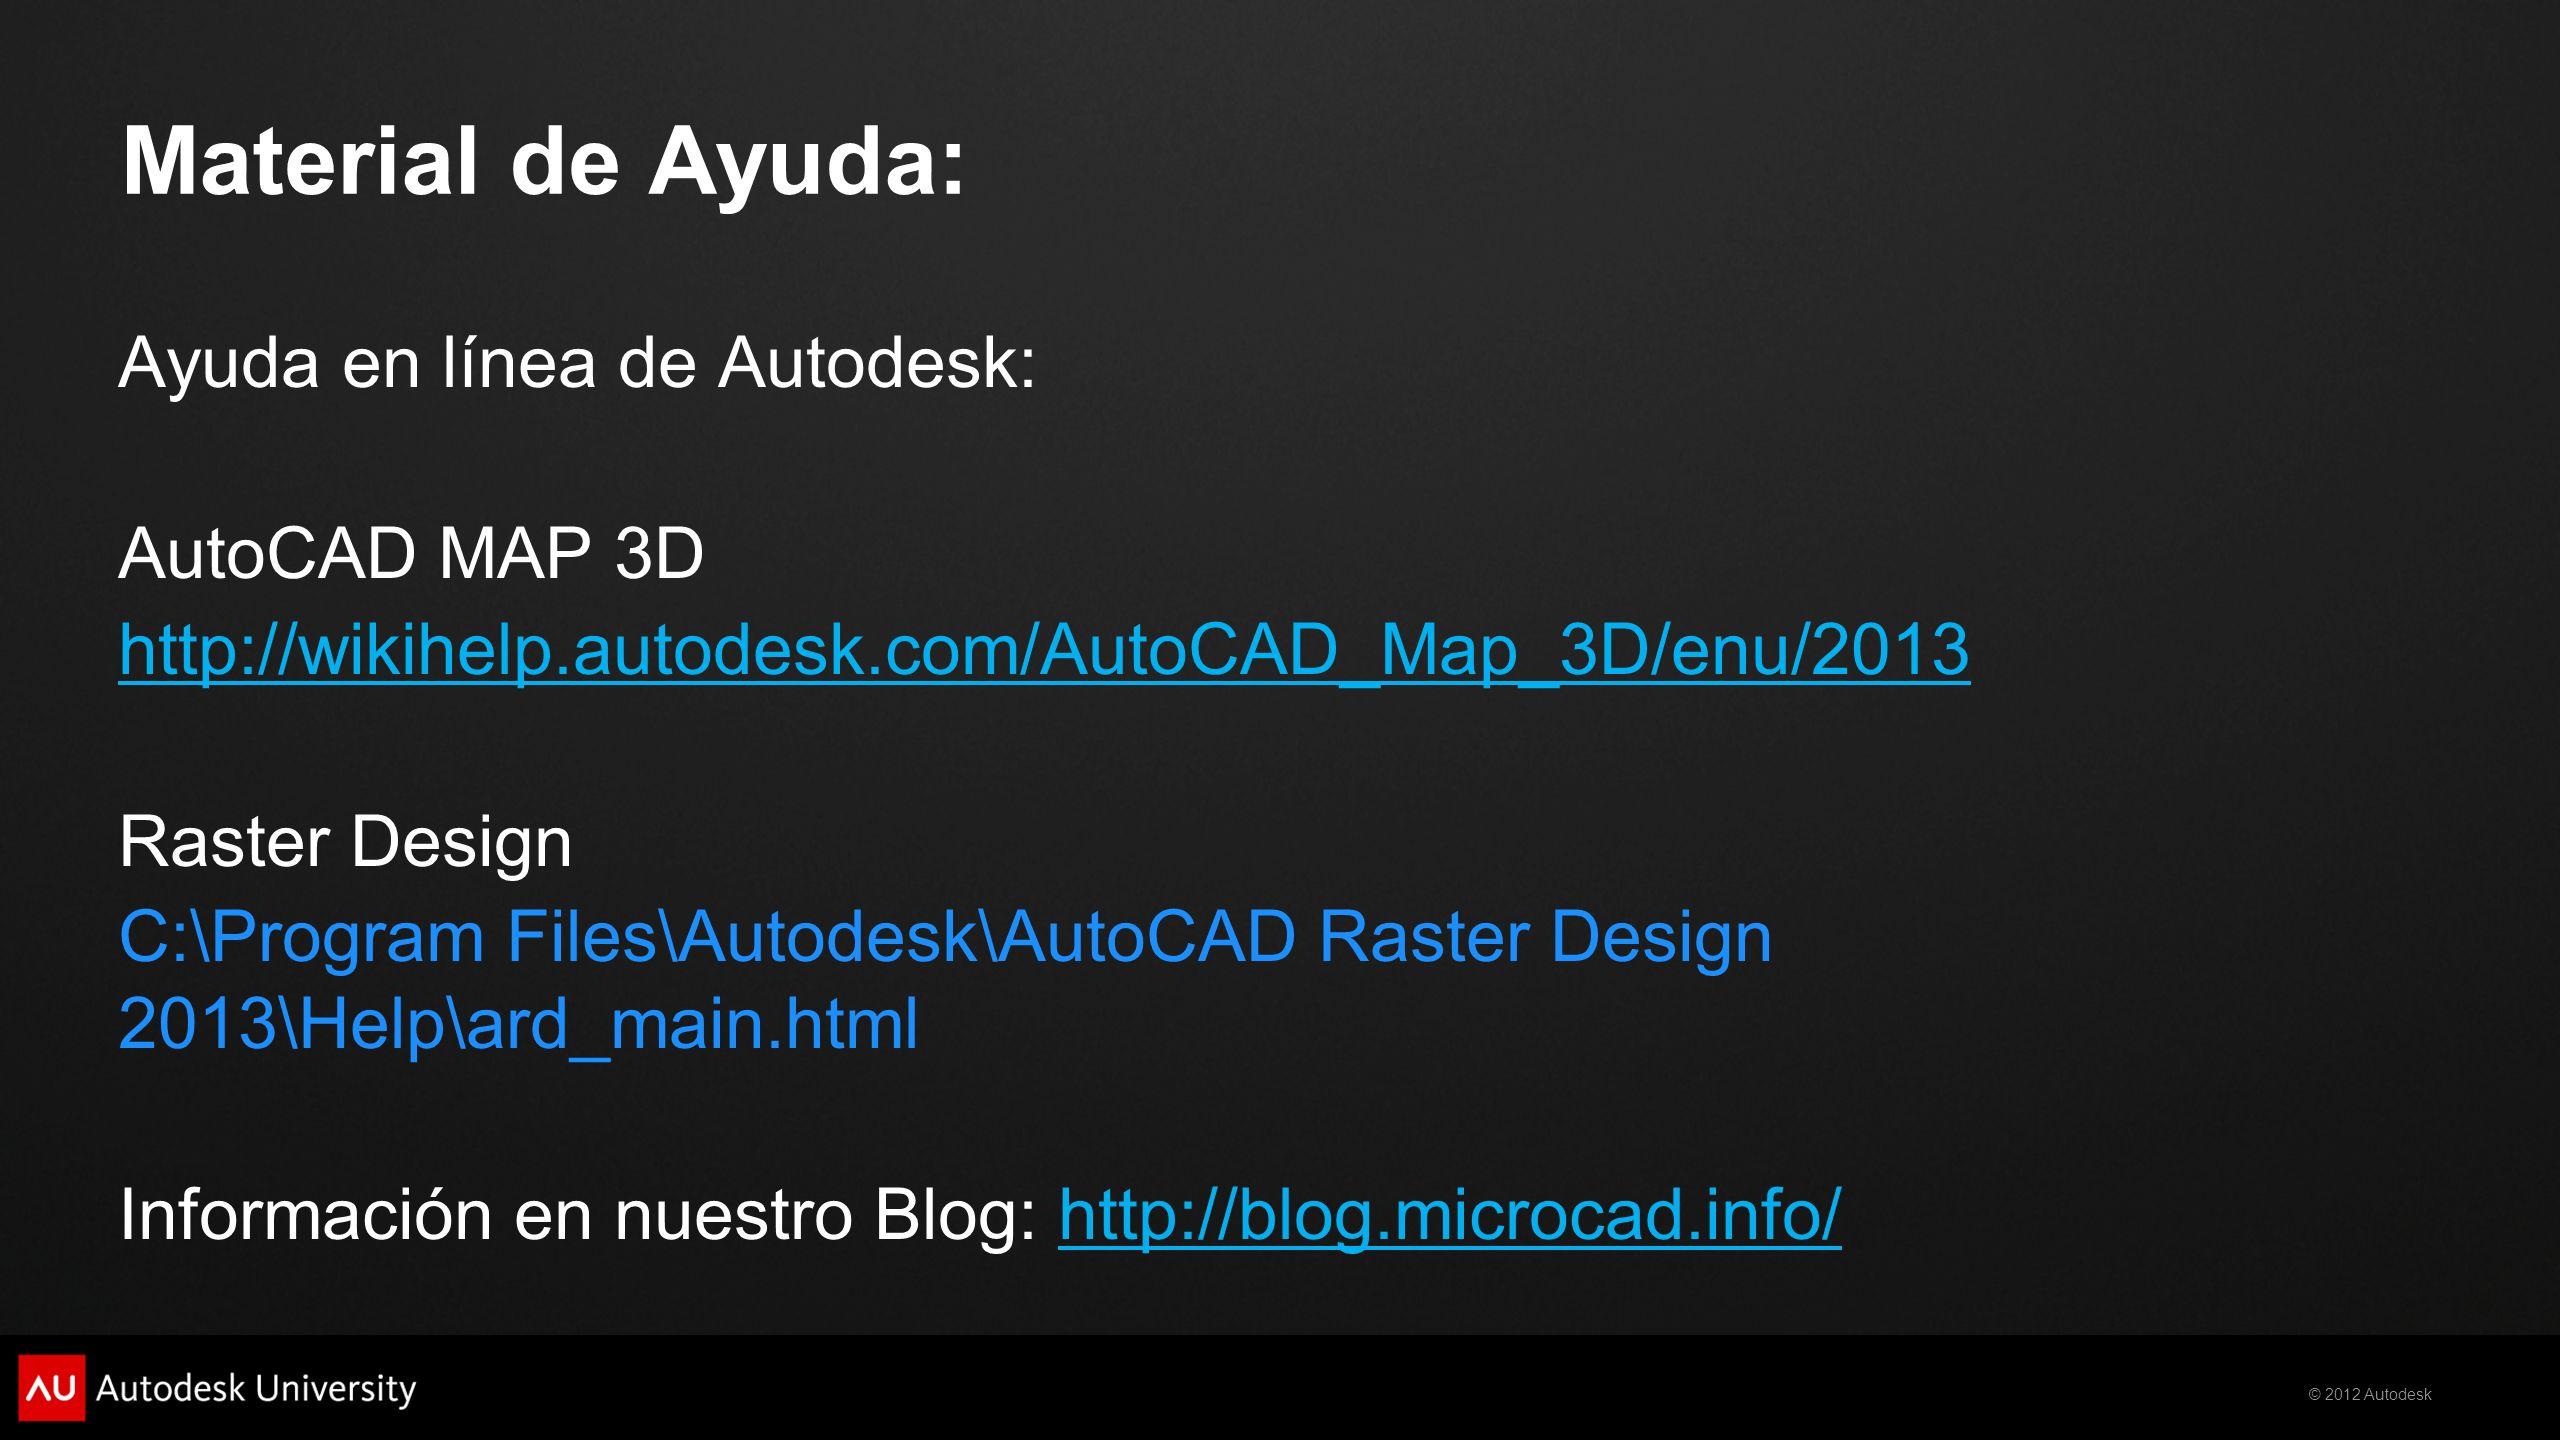 Material de Ayuda: Ayuda en línea de Autodesk: AutoCAD MAP 3D